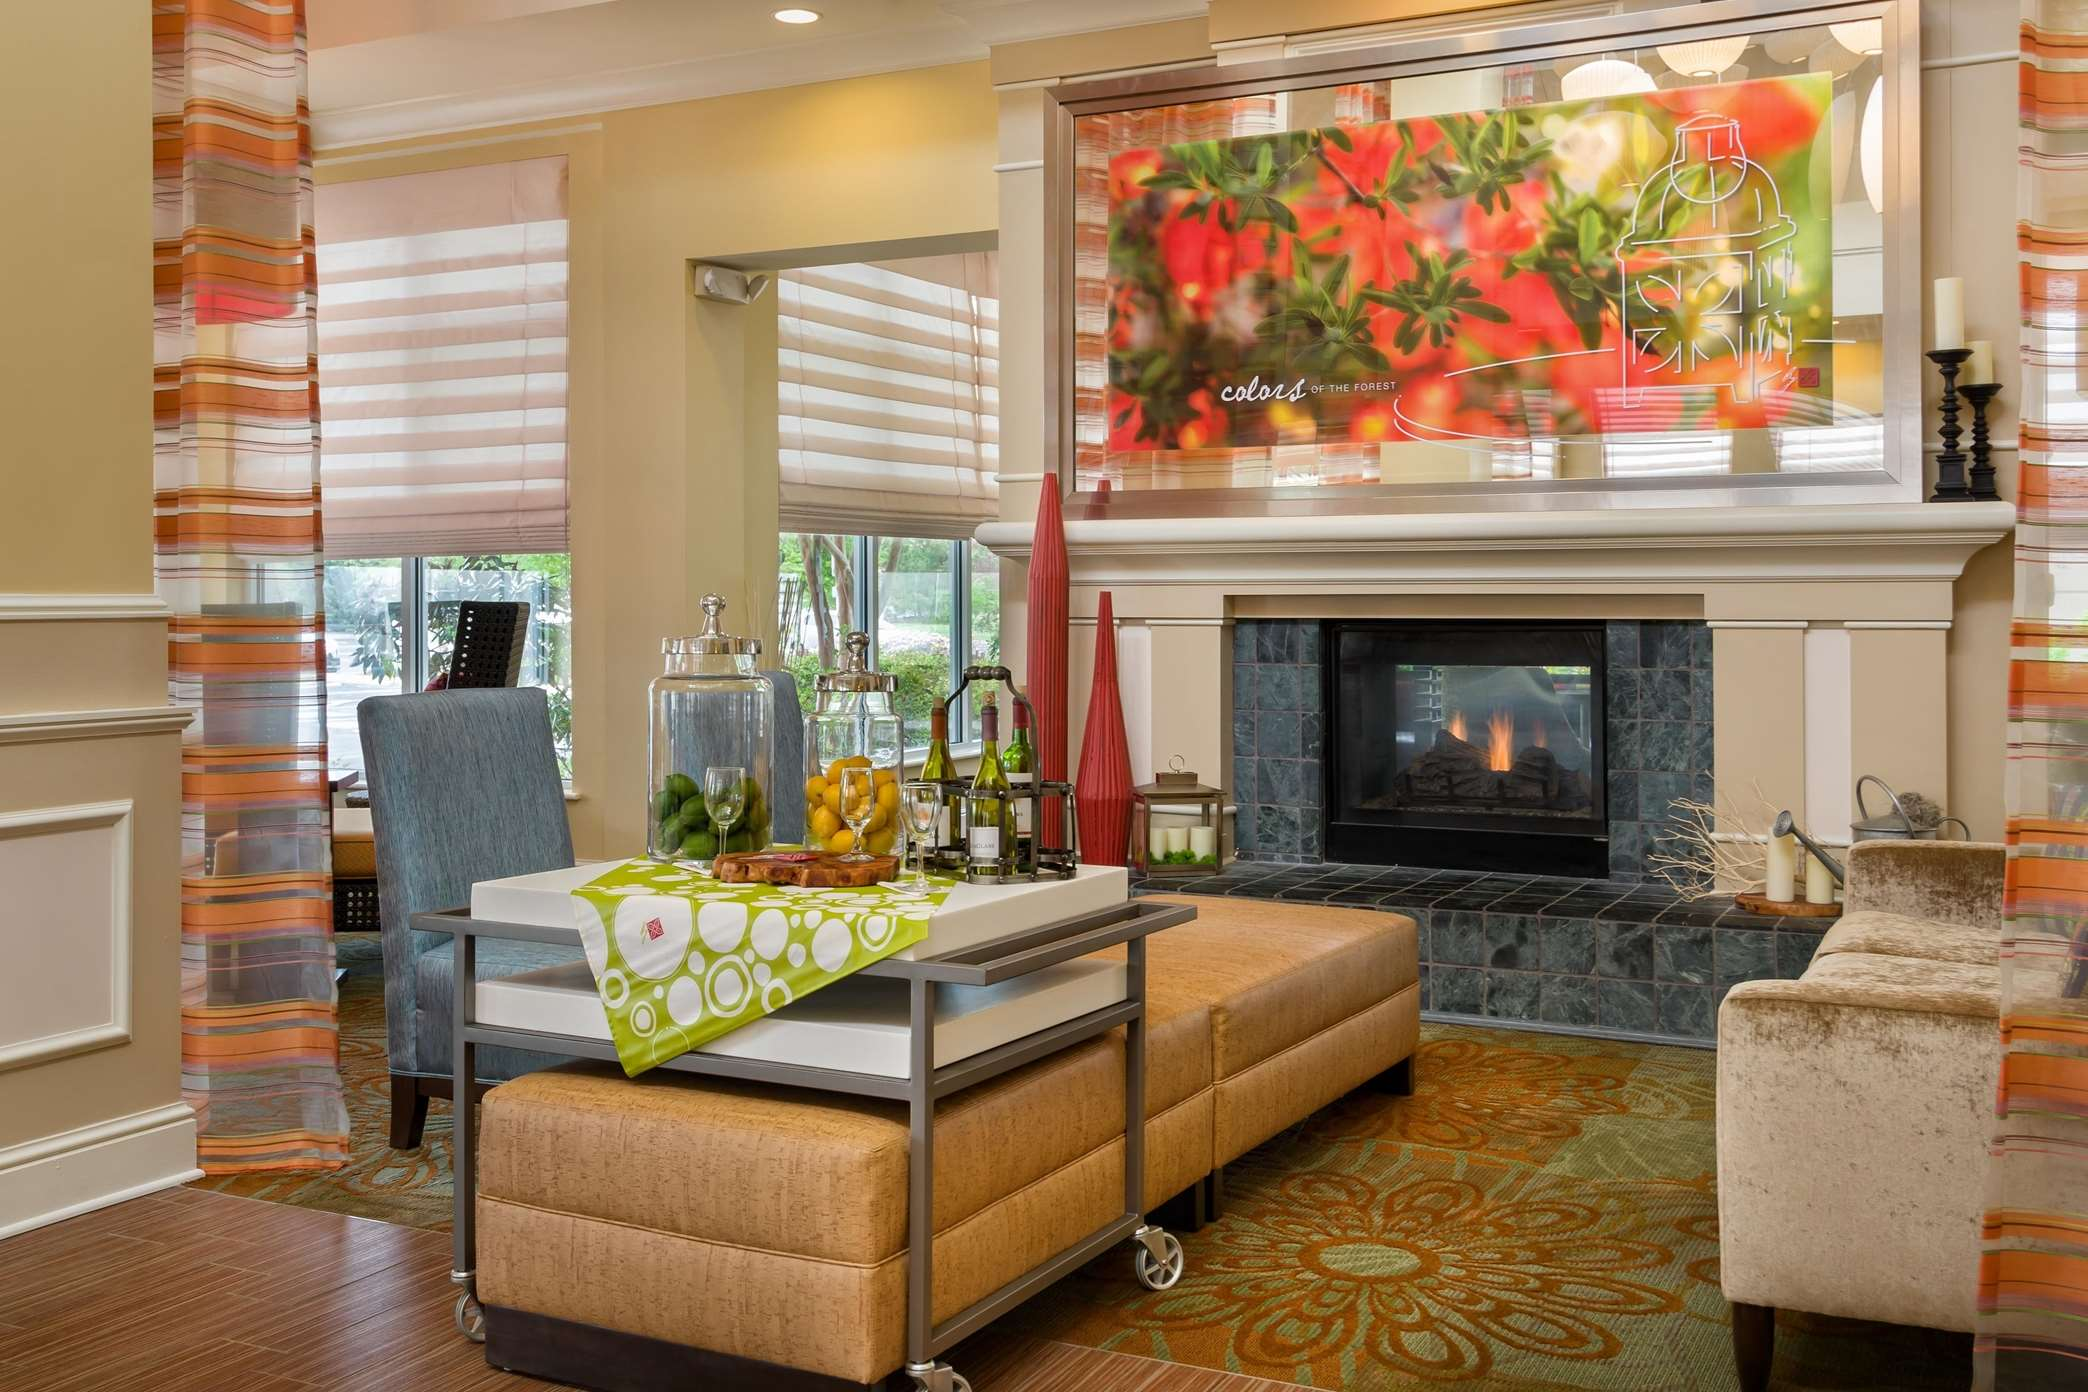 Hilton Garden Inn Newport News image 9